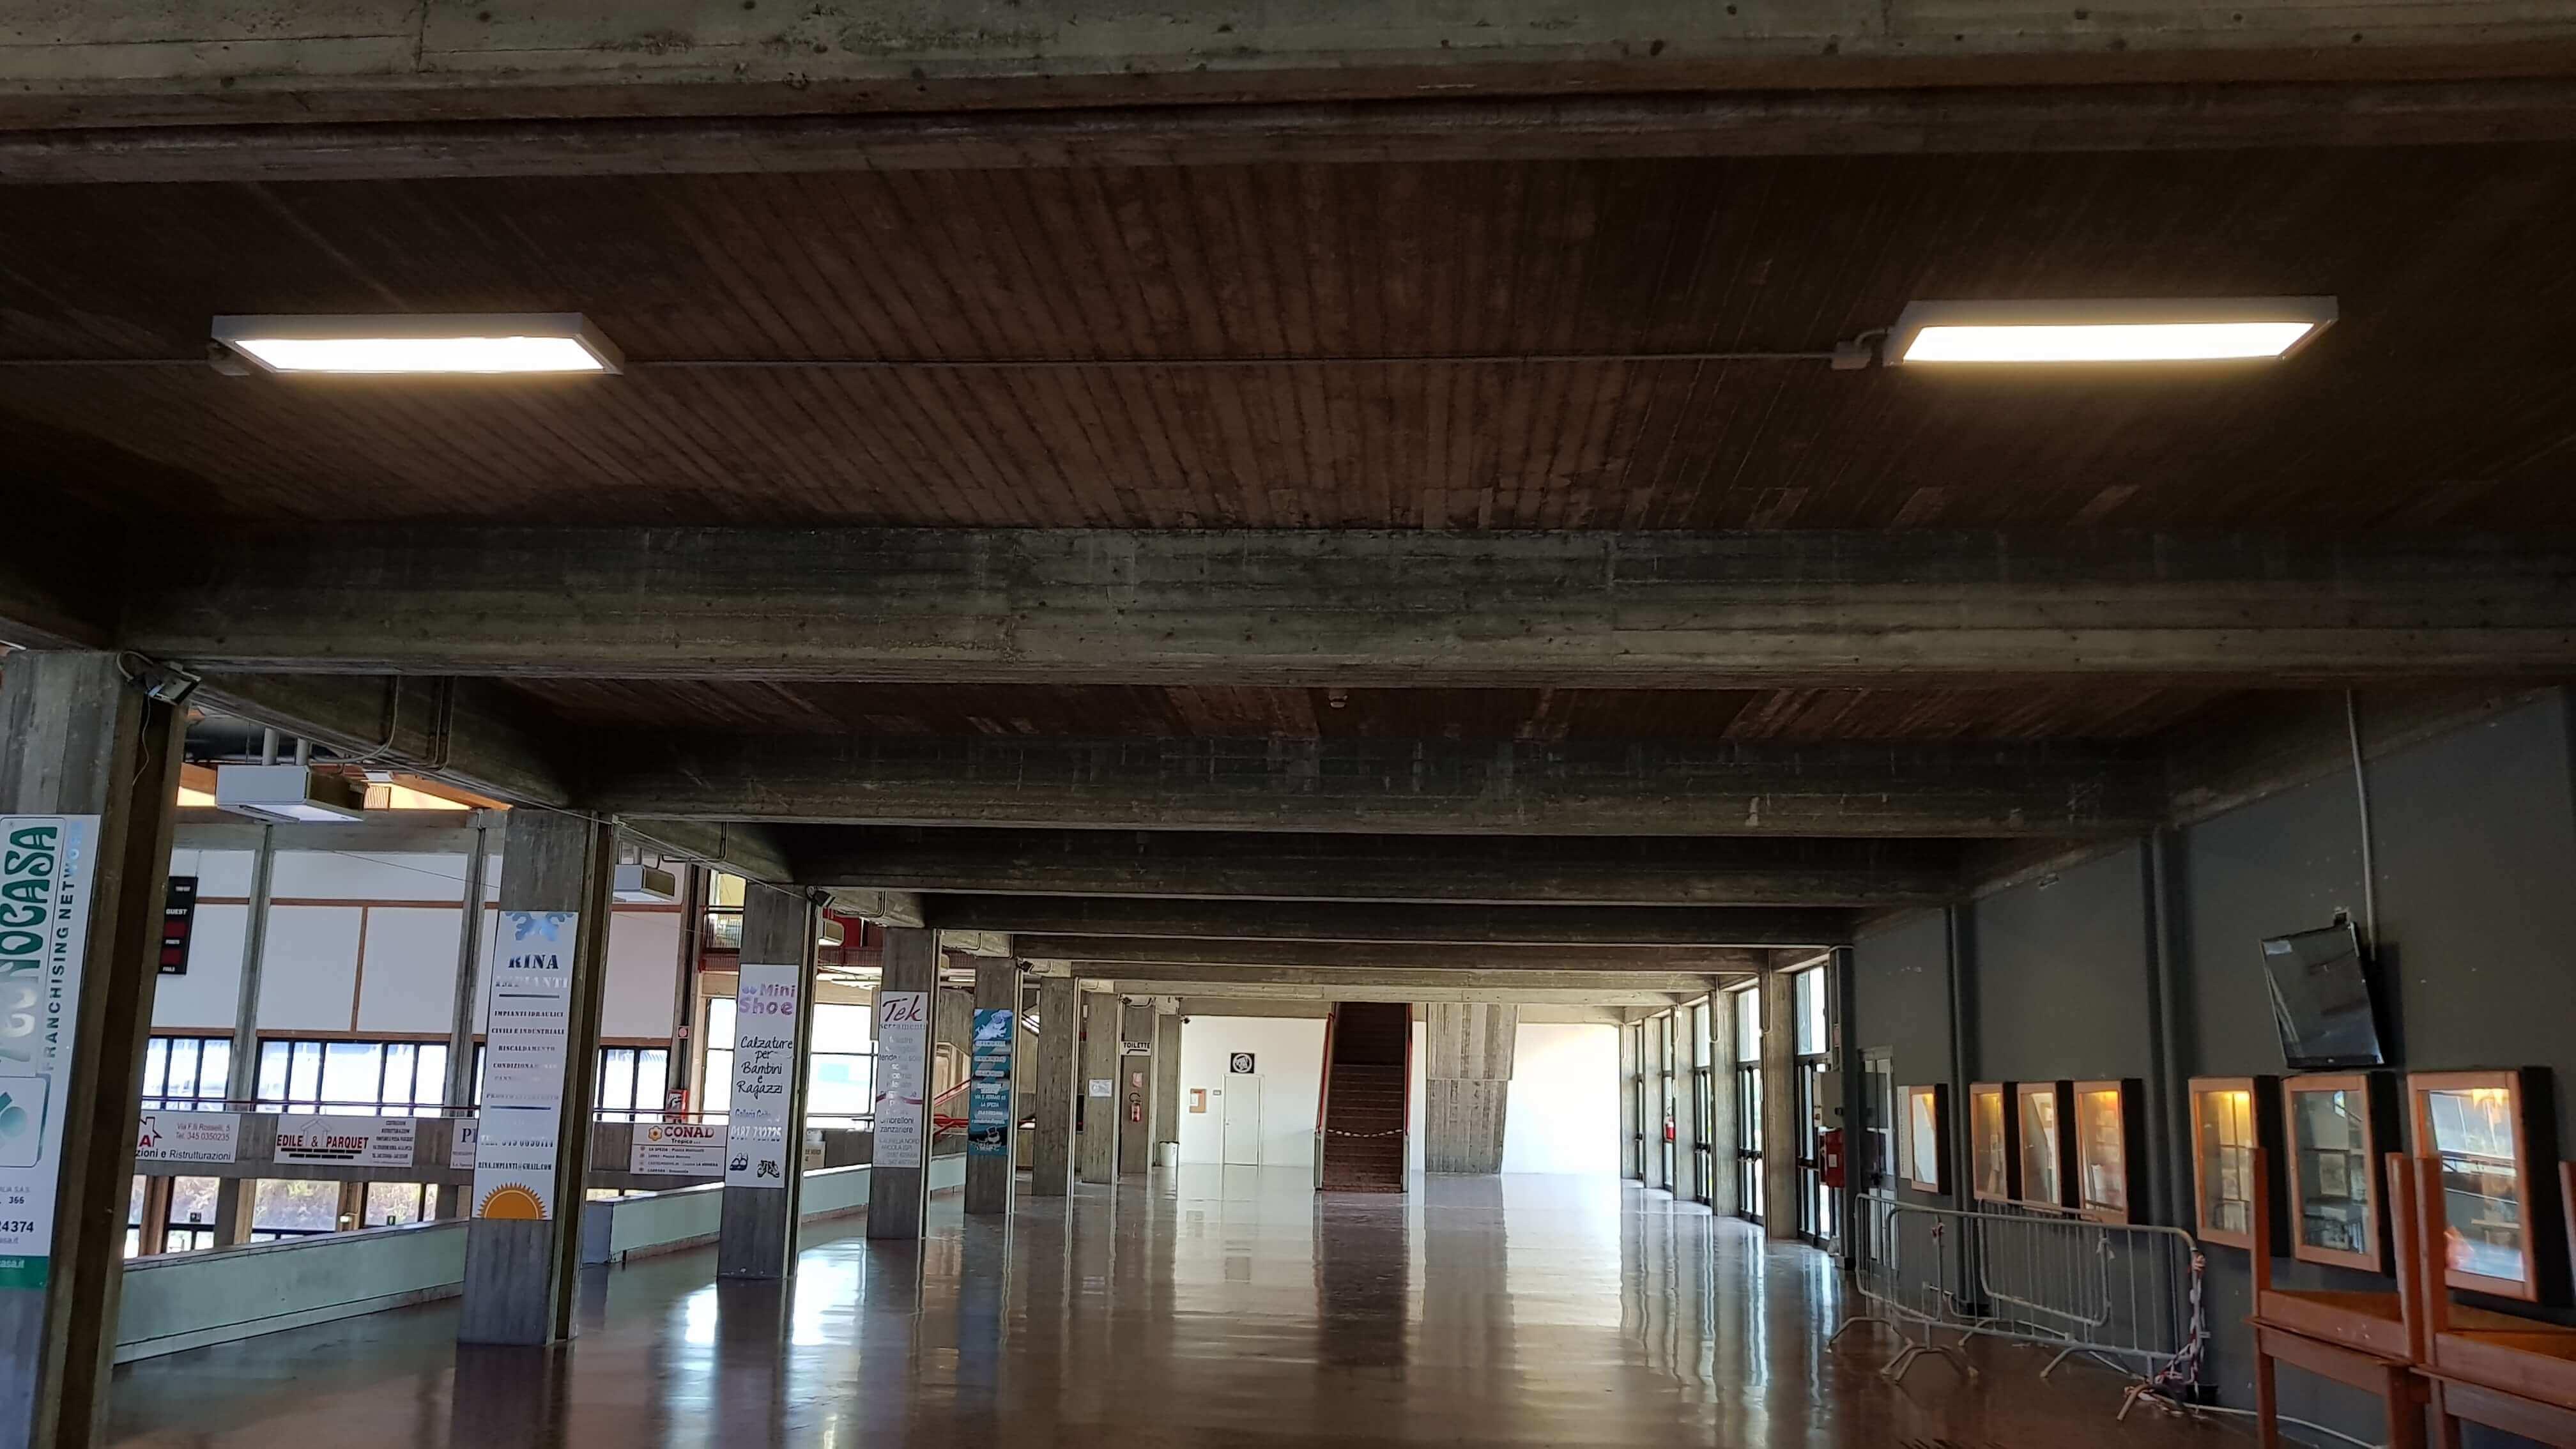 Palasport-di-la-spezia-g-mariotti-tribune-e-spogliatoi-3